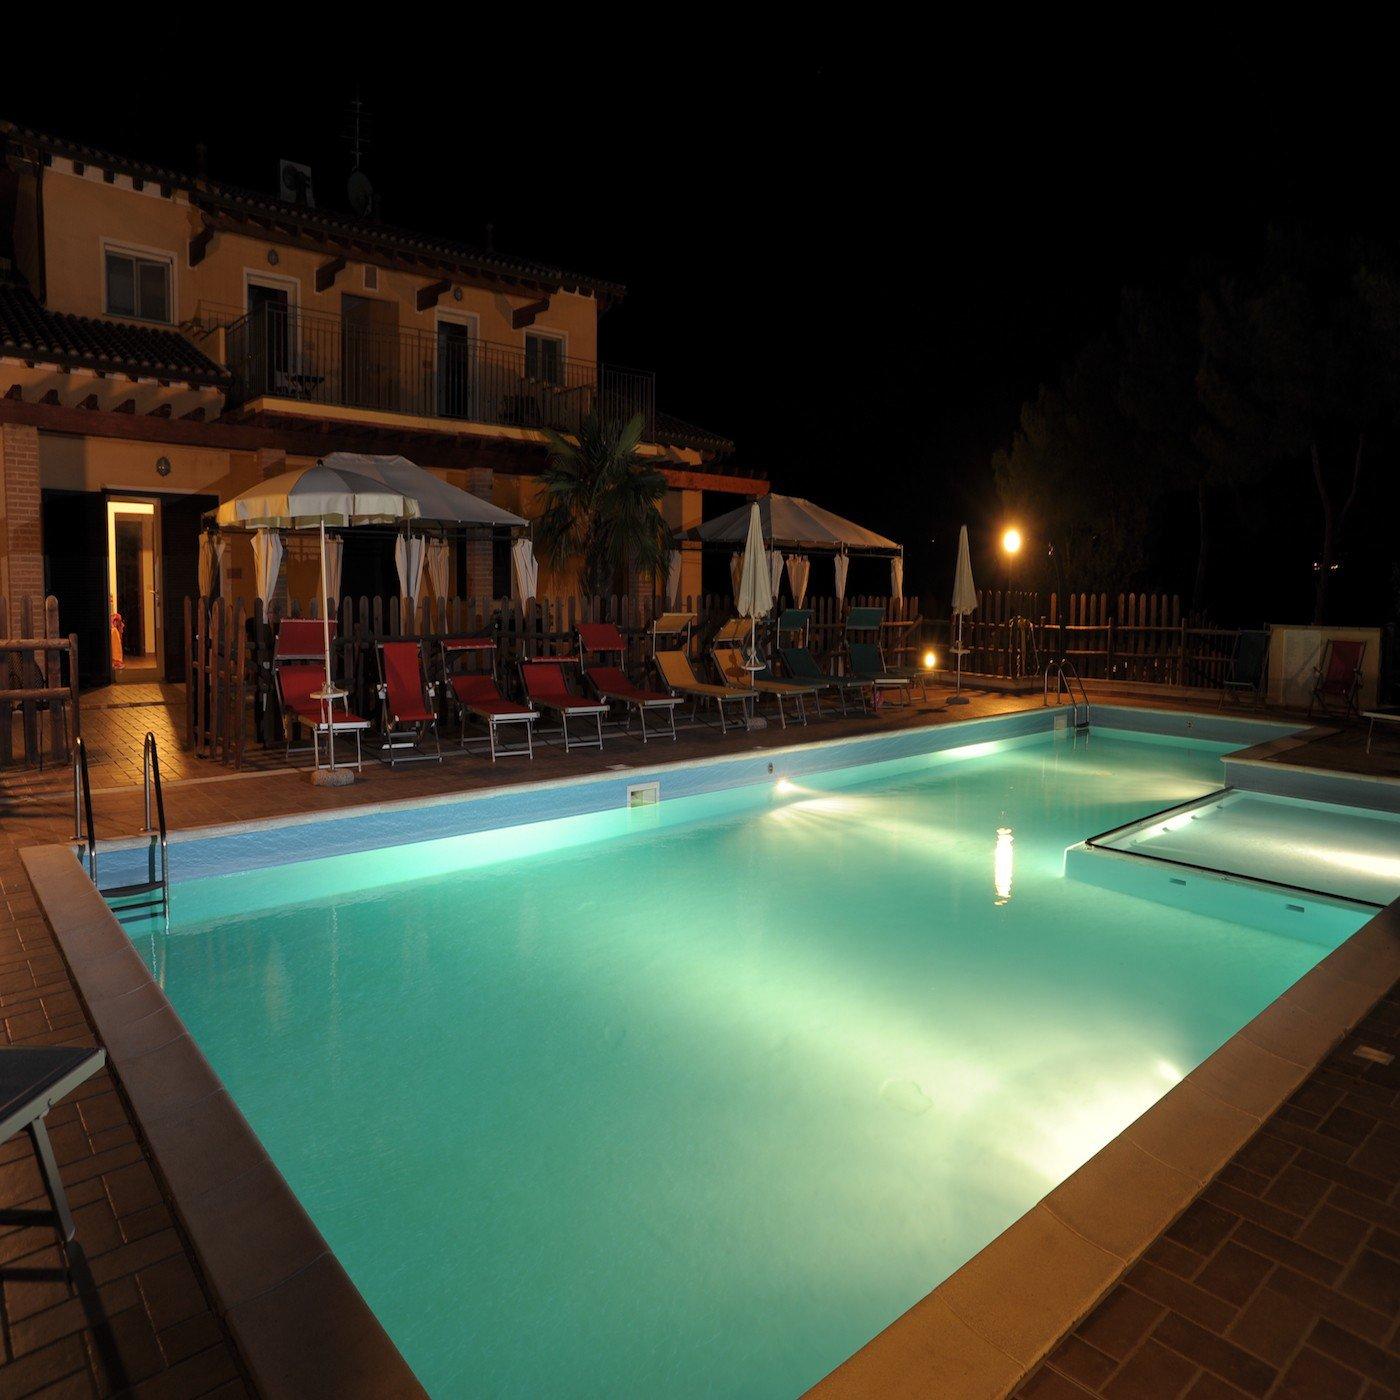 Una villa di due piani con una piscina con luci accese